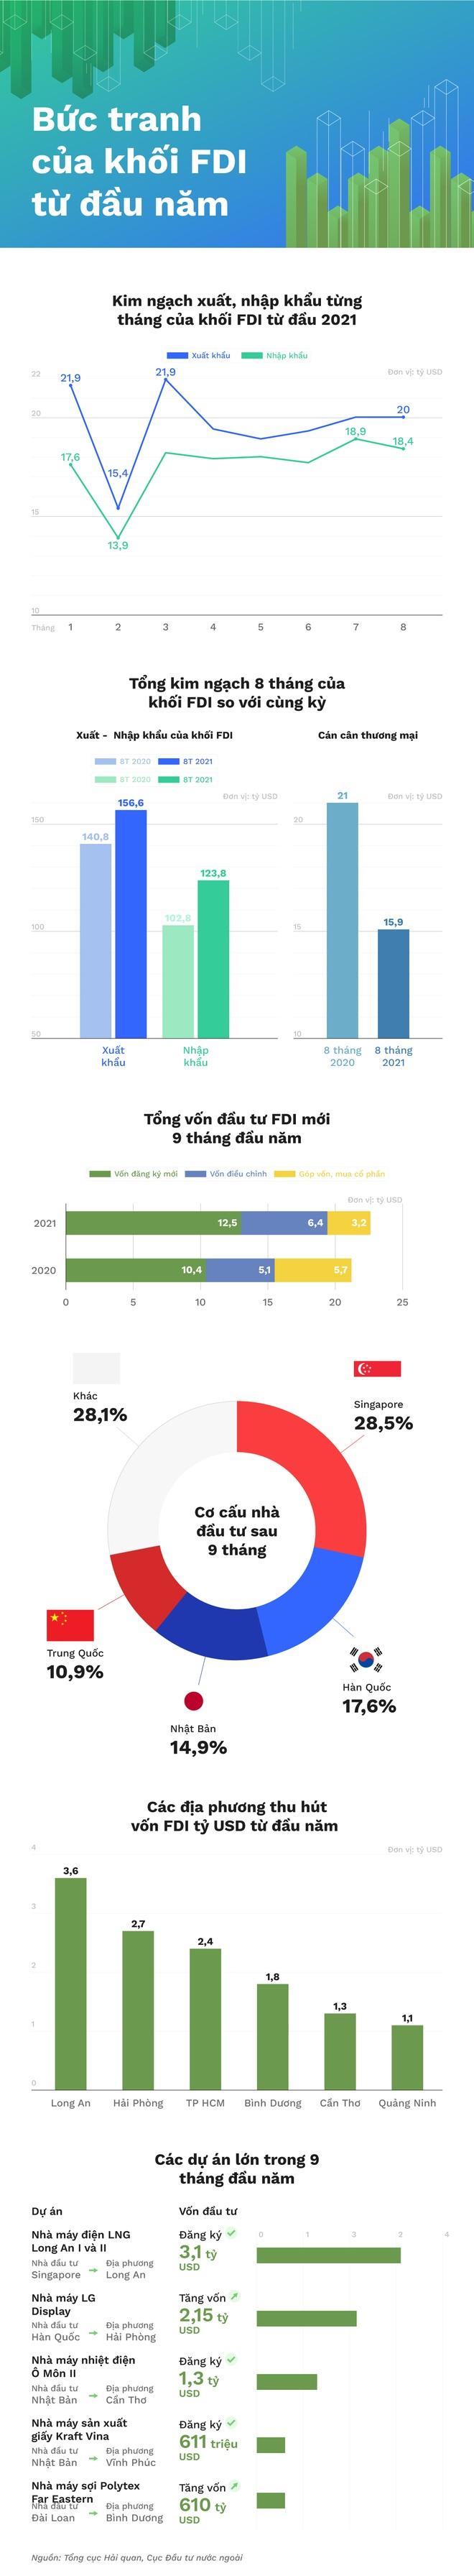 Infographic: Vốn FDI vào Việt Nam - gam màu hồng hay xám? - 1